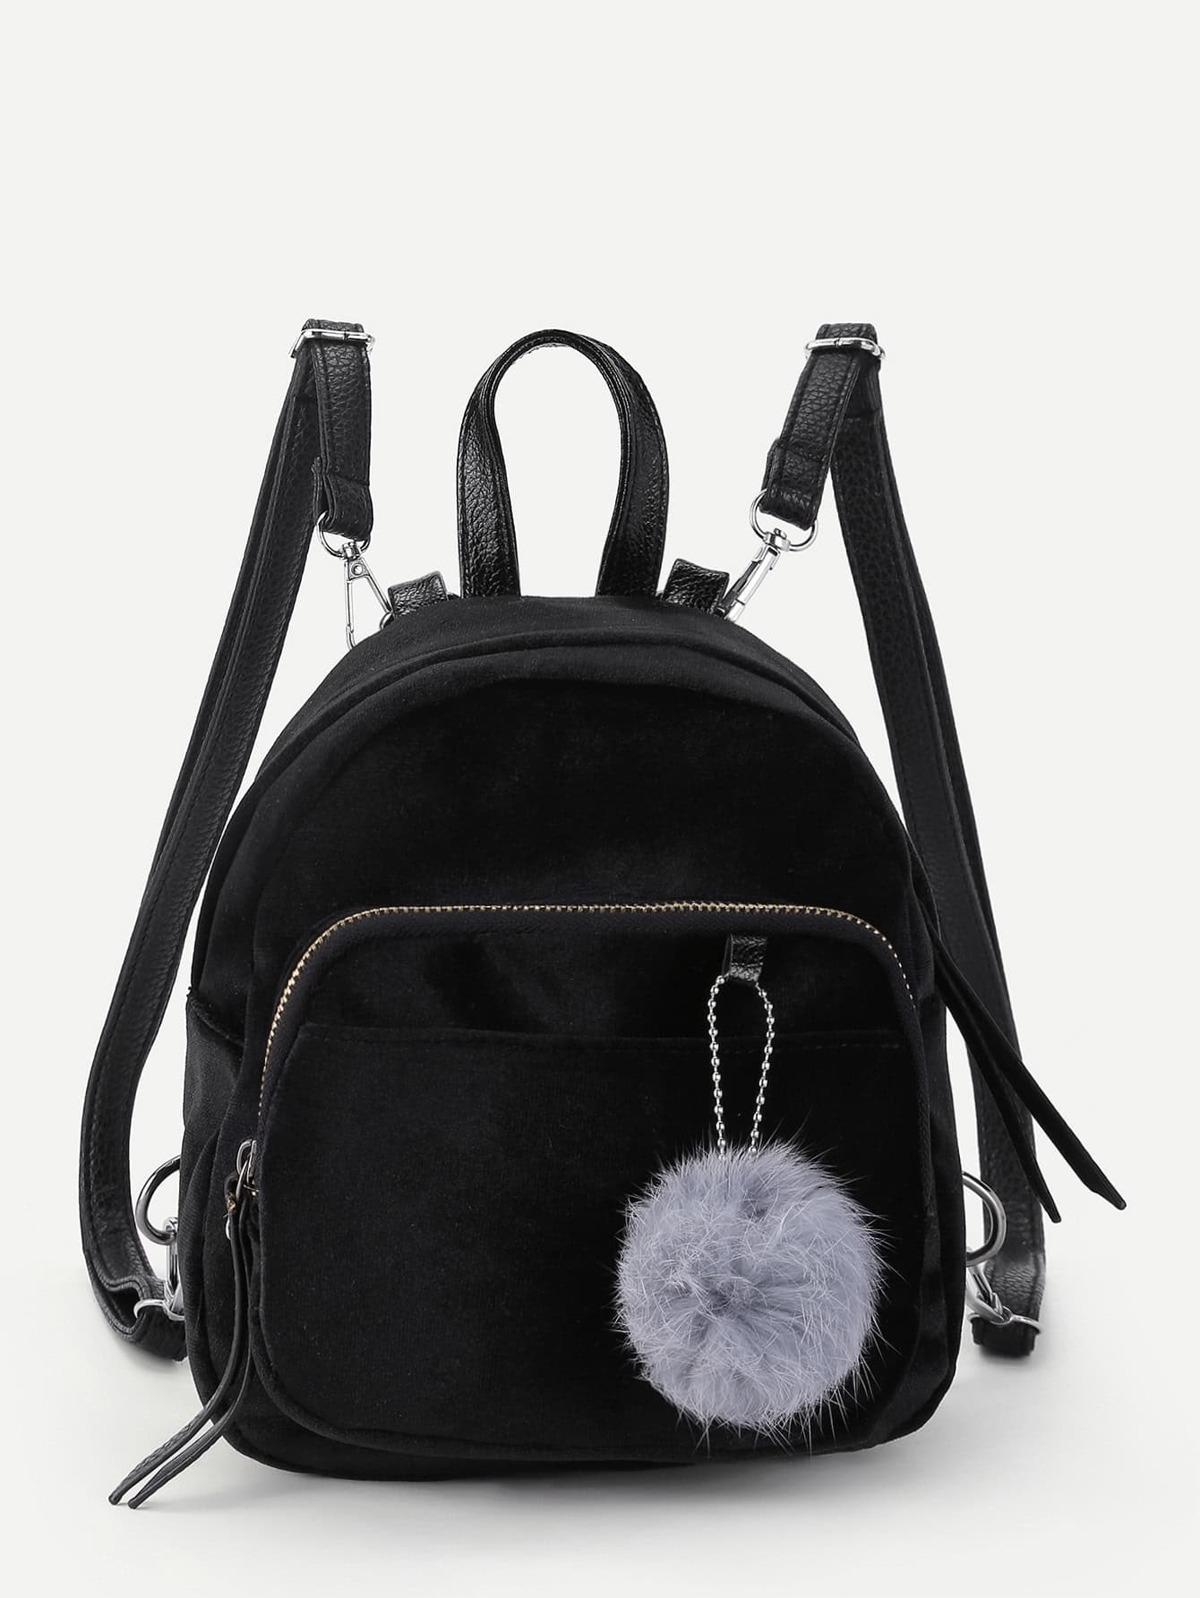 球球 裝飾的 絨面 背包